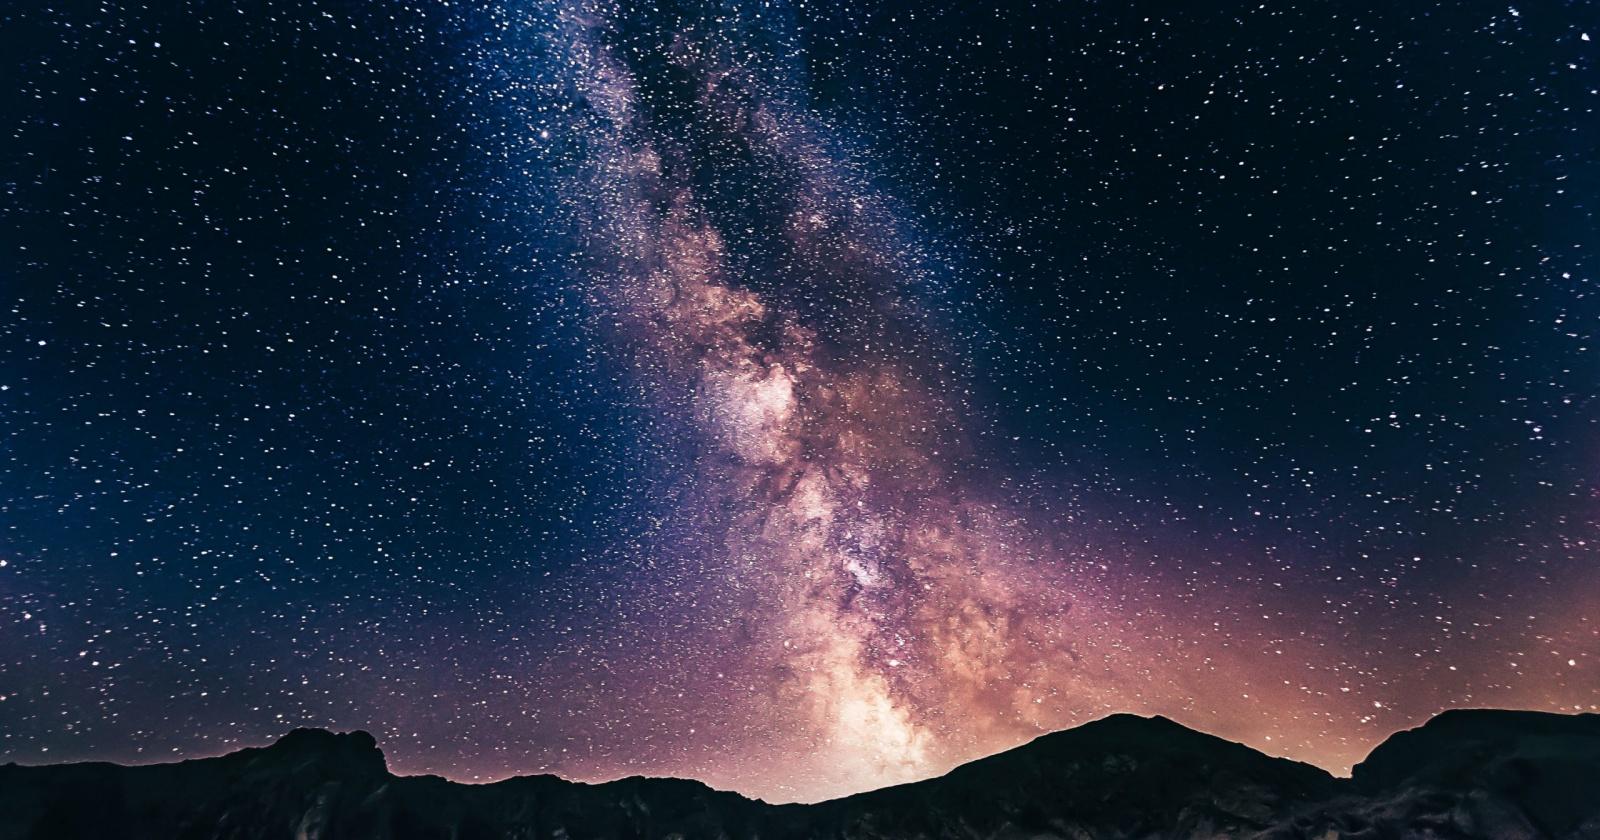 Ученые нашли молодые звезды там, где их быть не должно